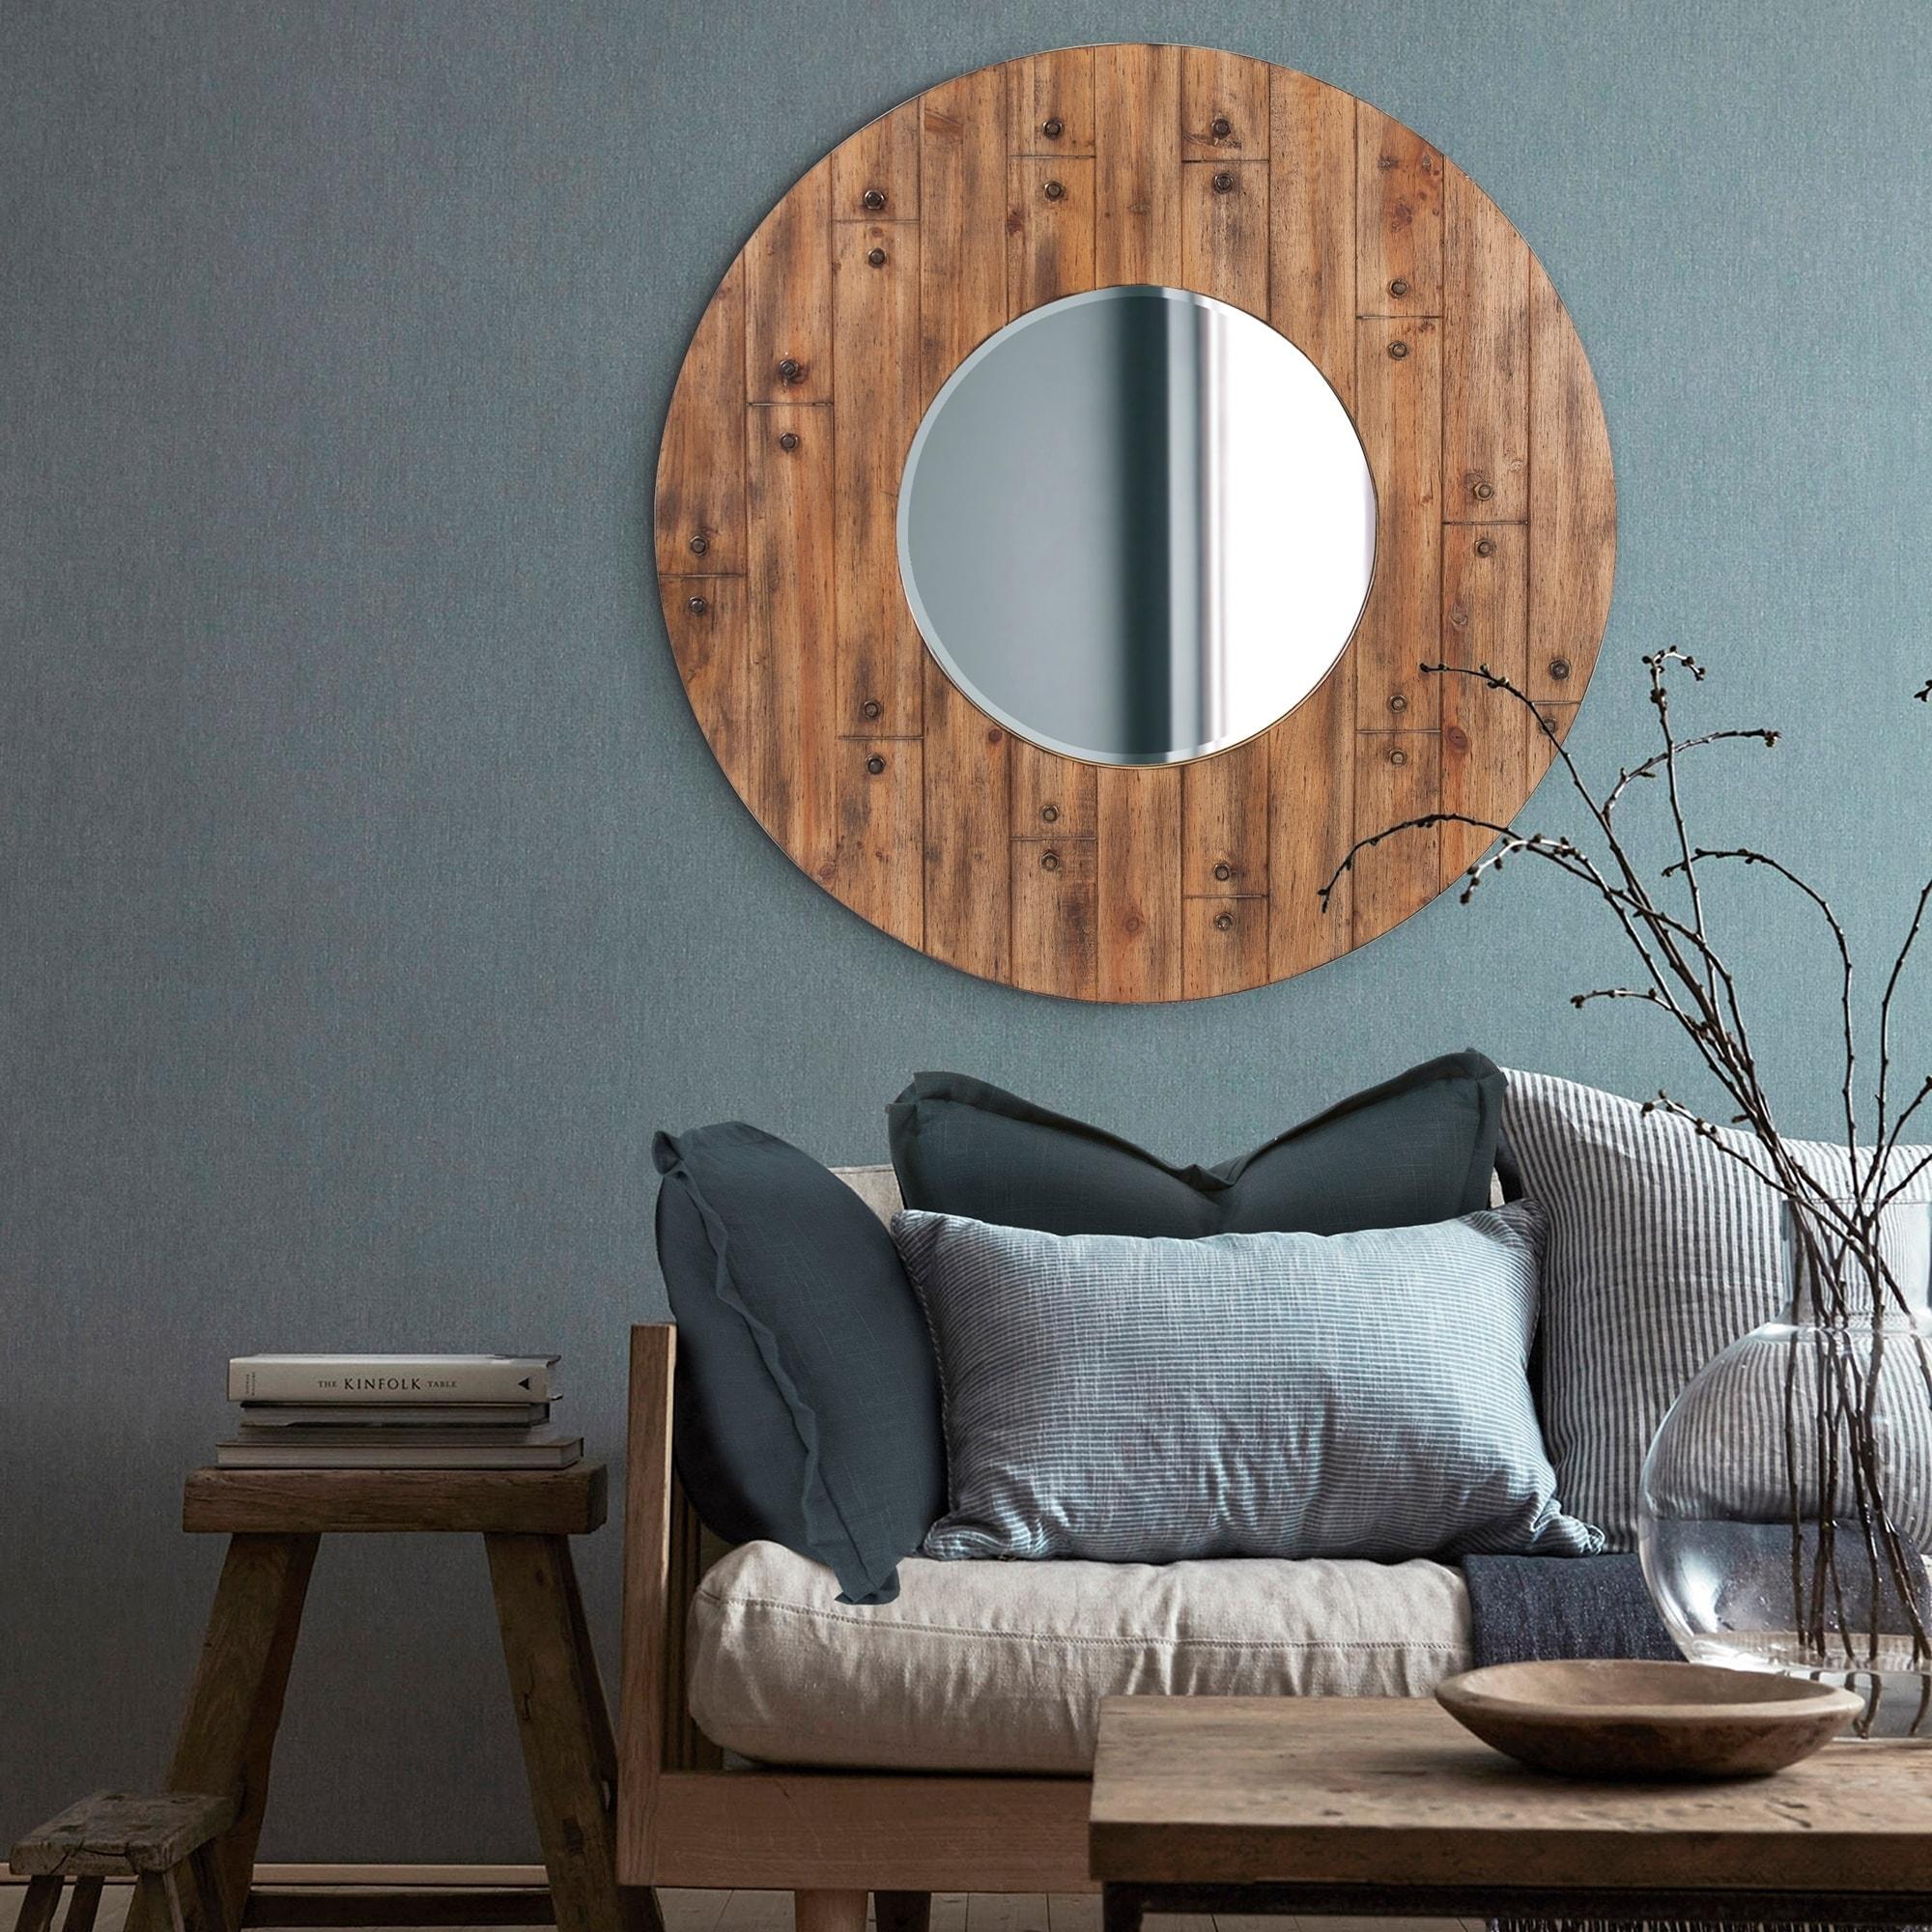 Shop Stein Round Wood Frame Wall Mirror Overstock 25300345